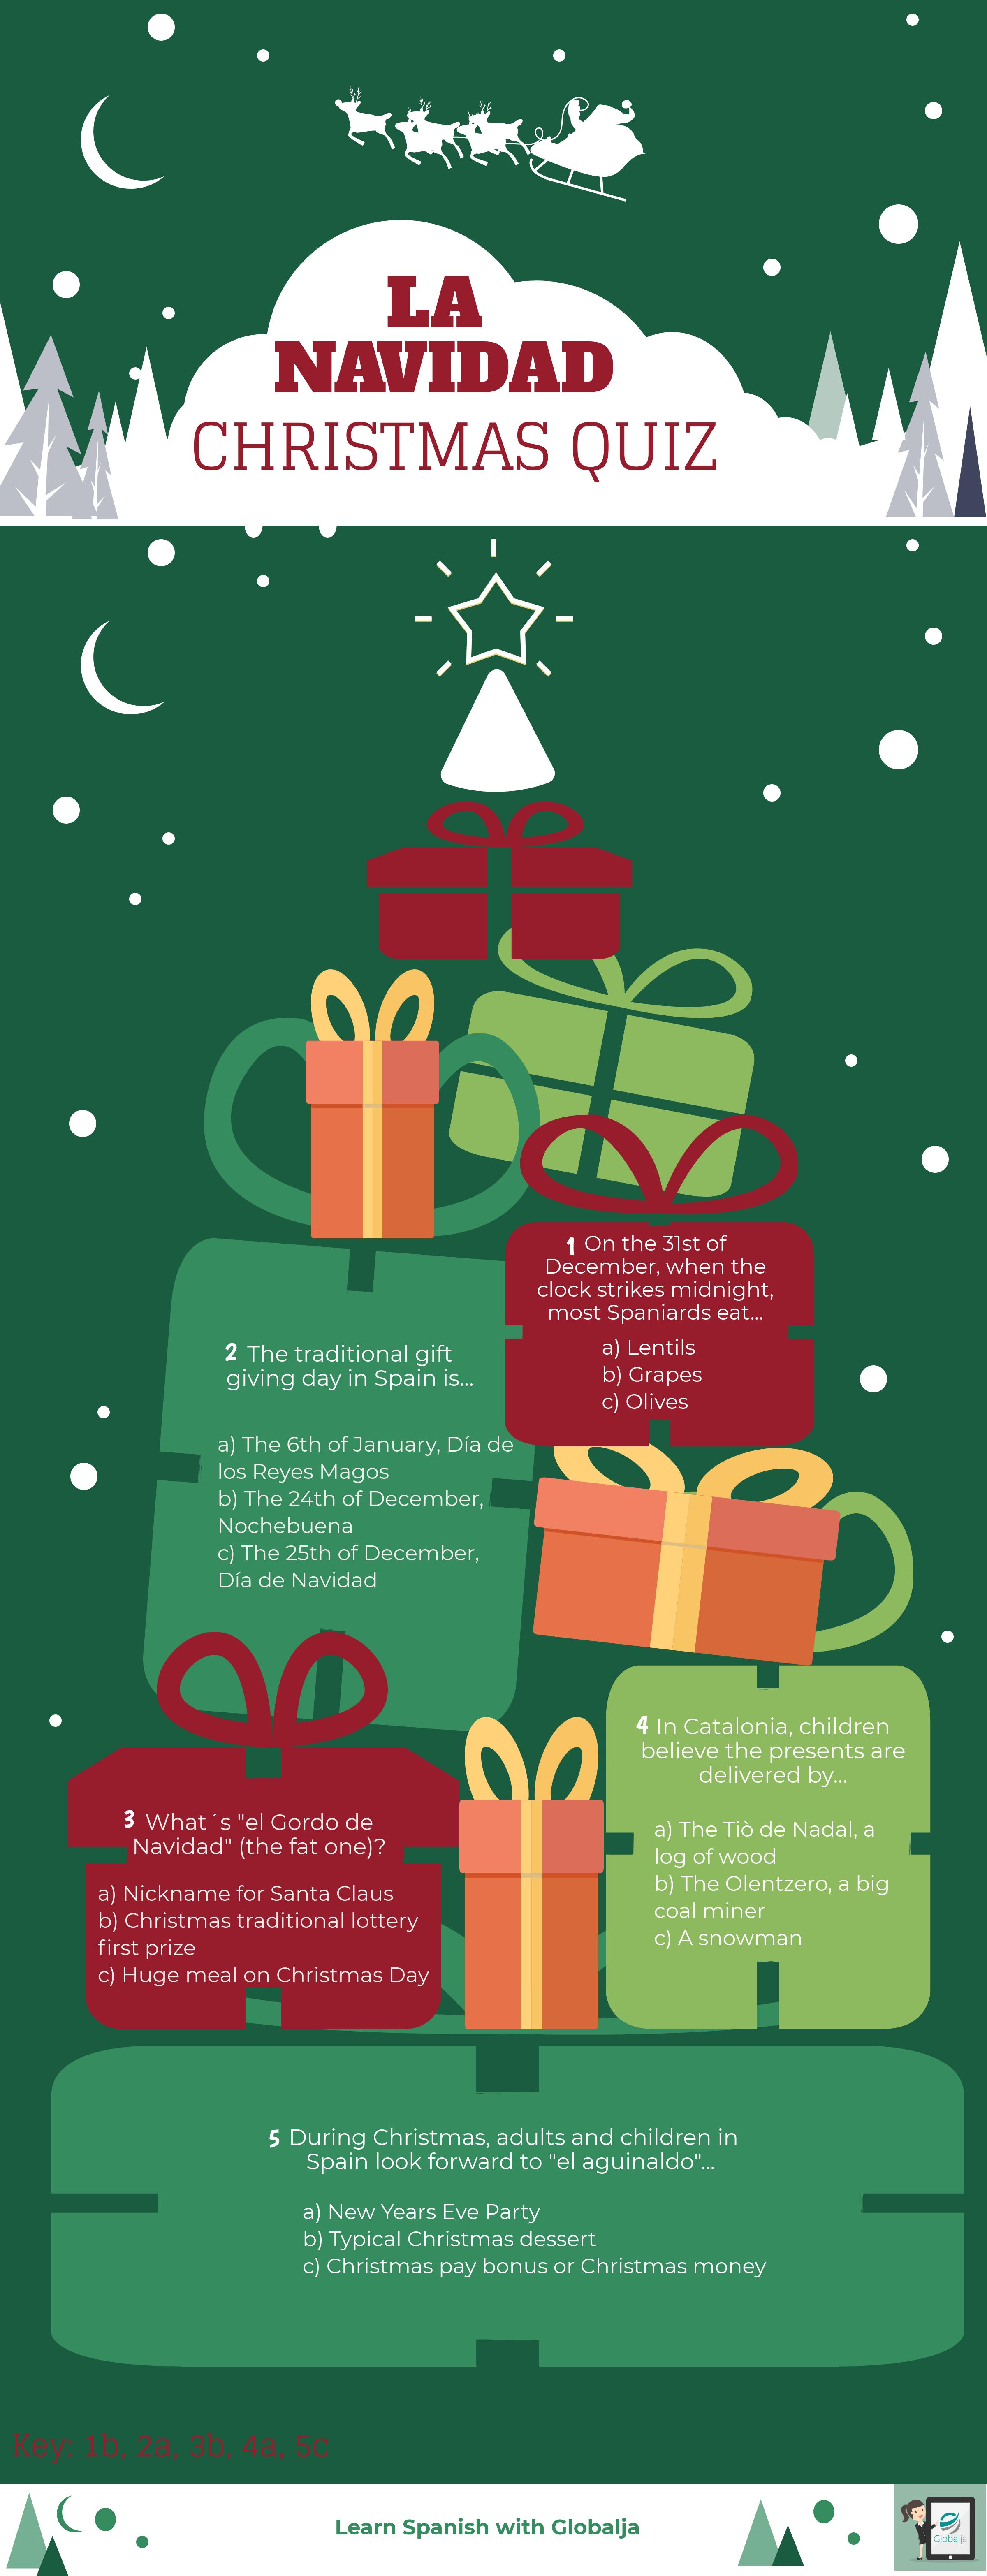 La Navidad. Christmas Quiz